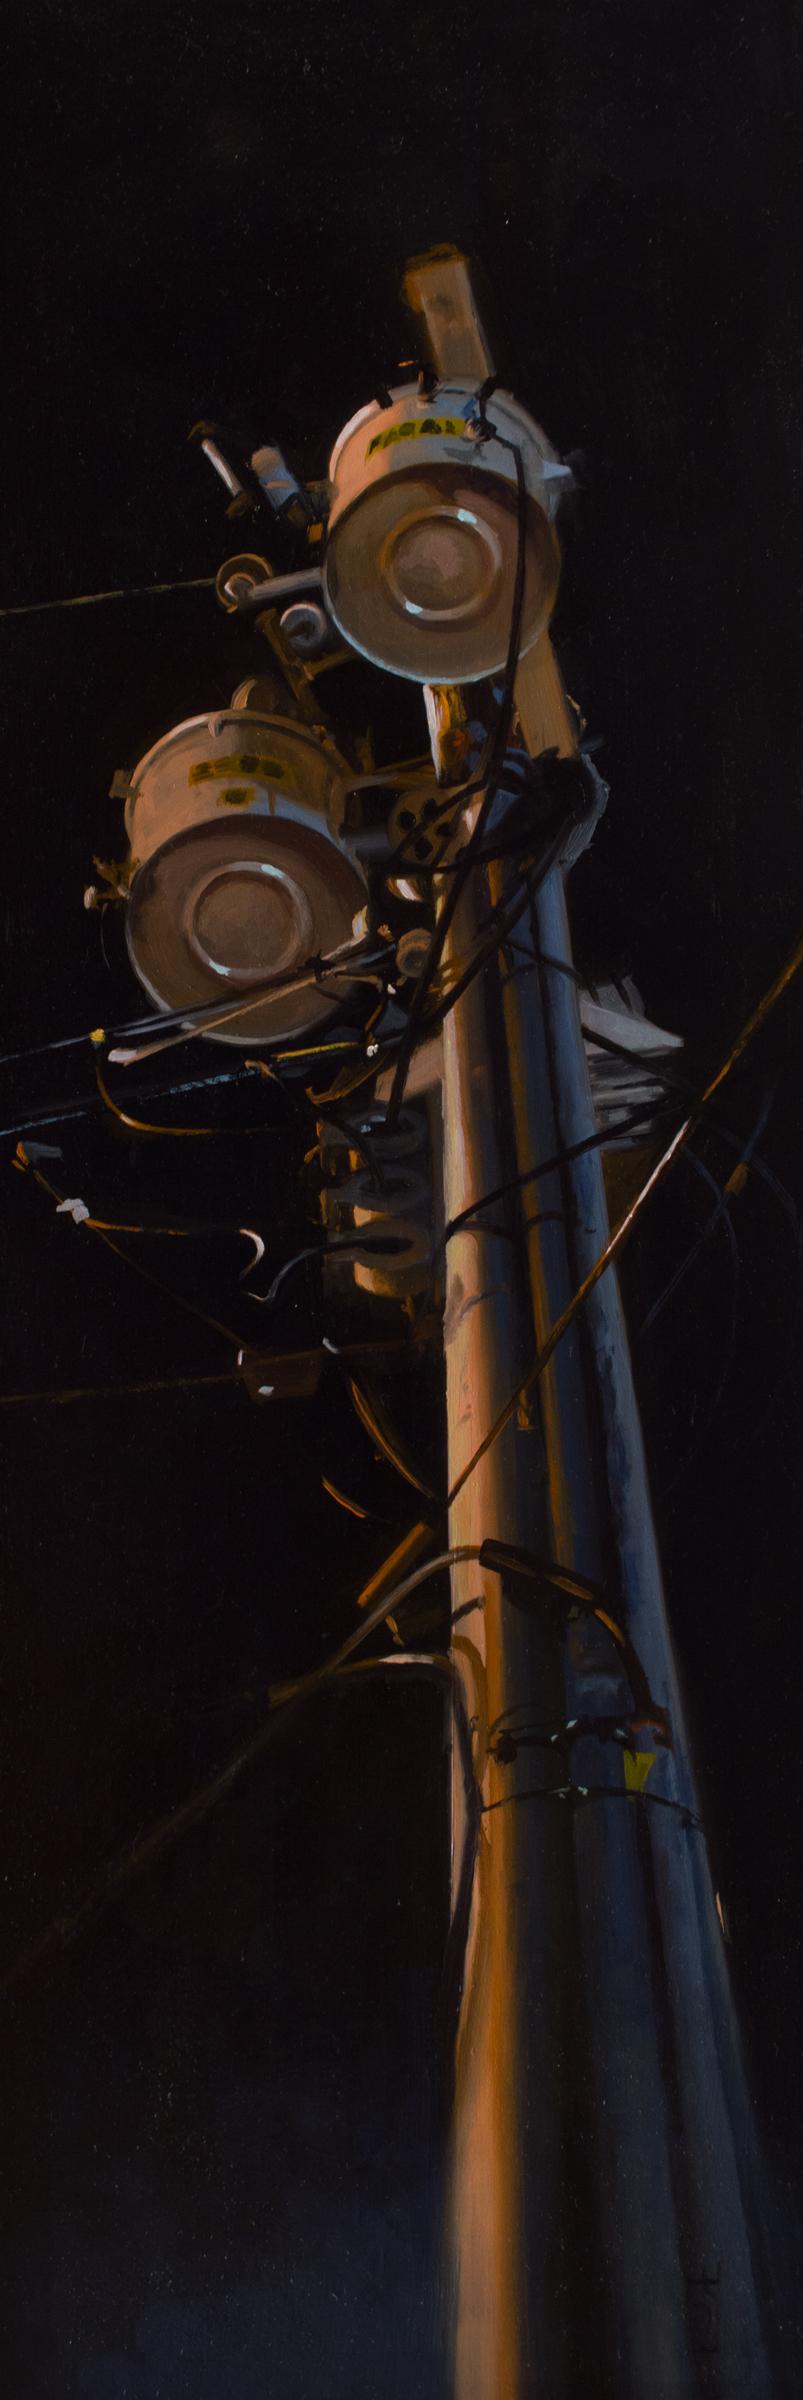 Walker, Steven_The Power of the Night_8x24_oil_$1400.jpg